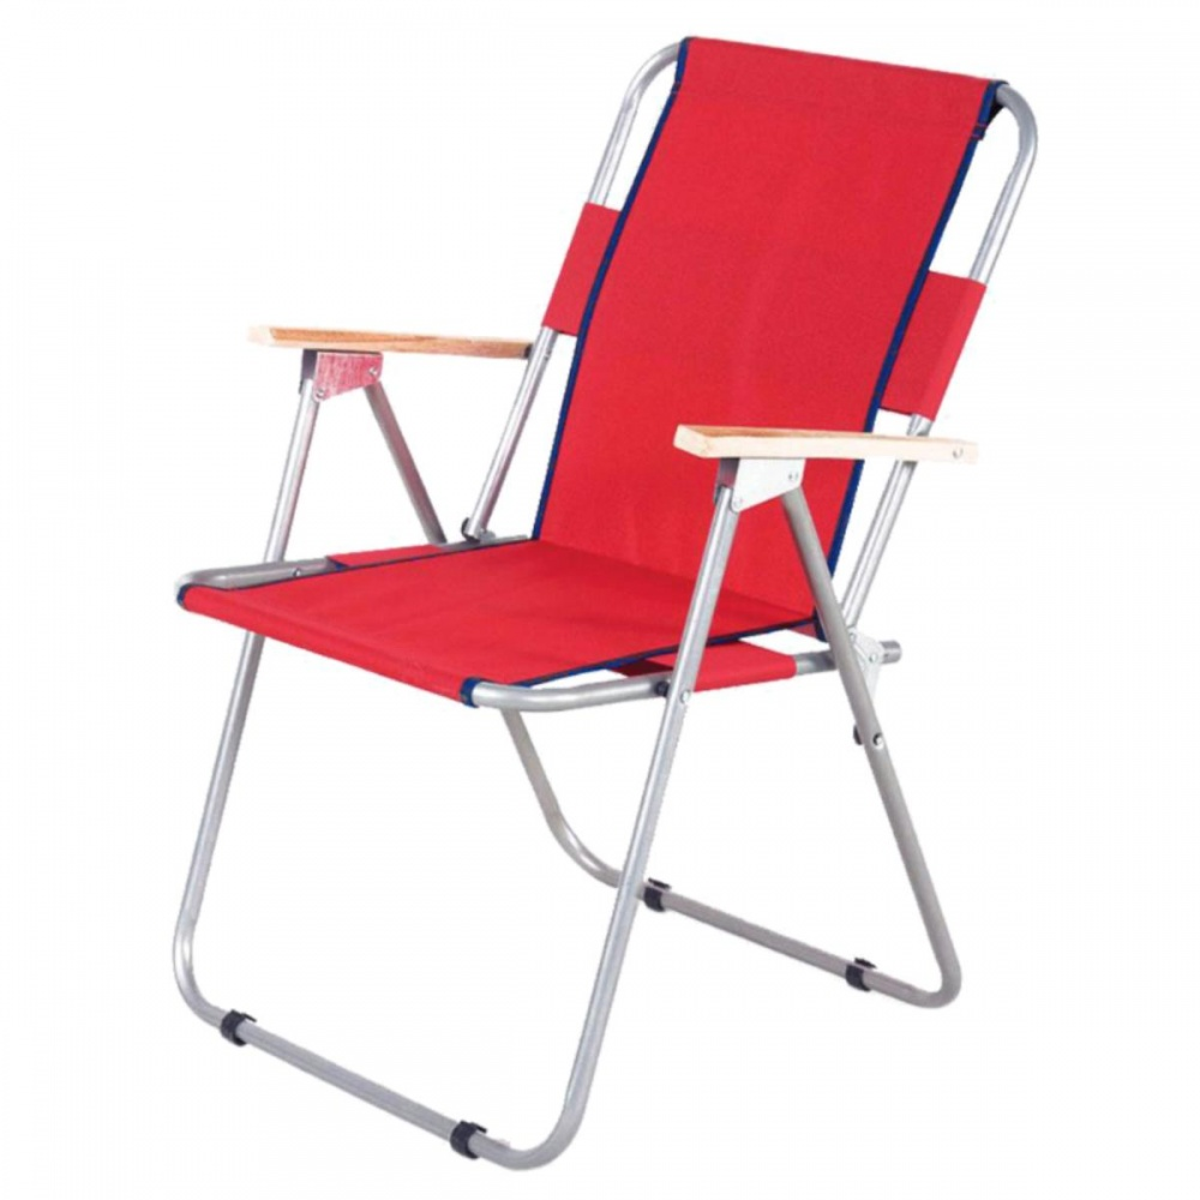 İbiza Katlanır Piknik Sandalyesi Plaj Kamp Sandalye Kırmızı